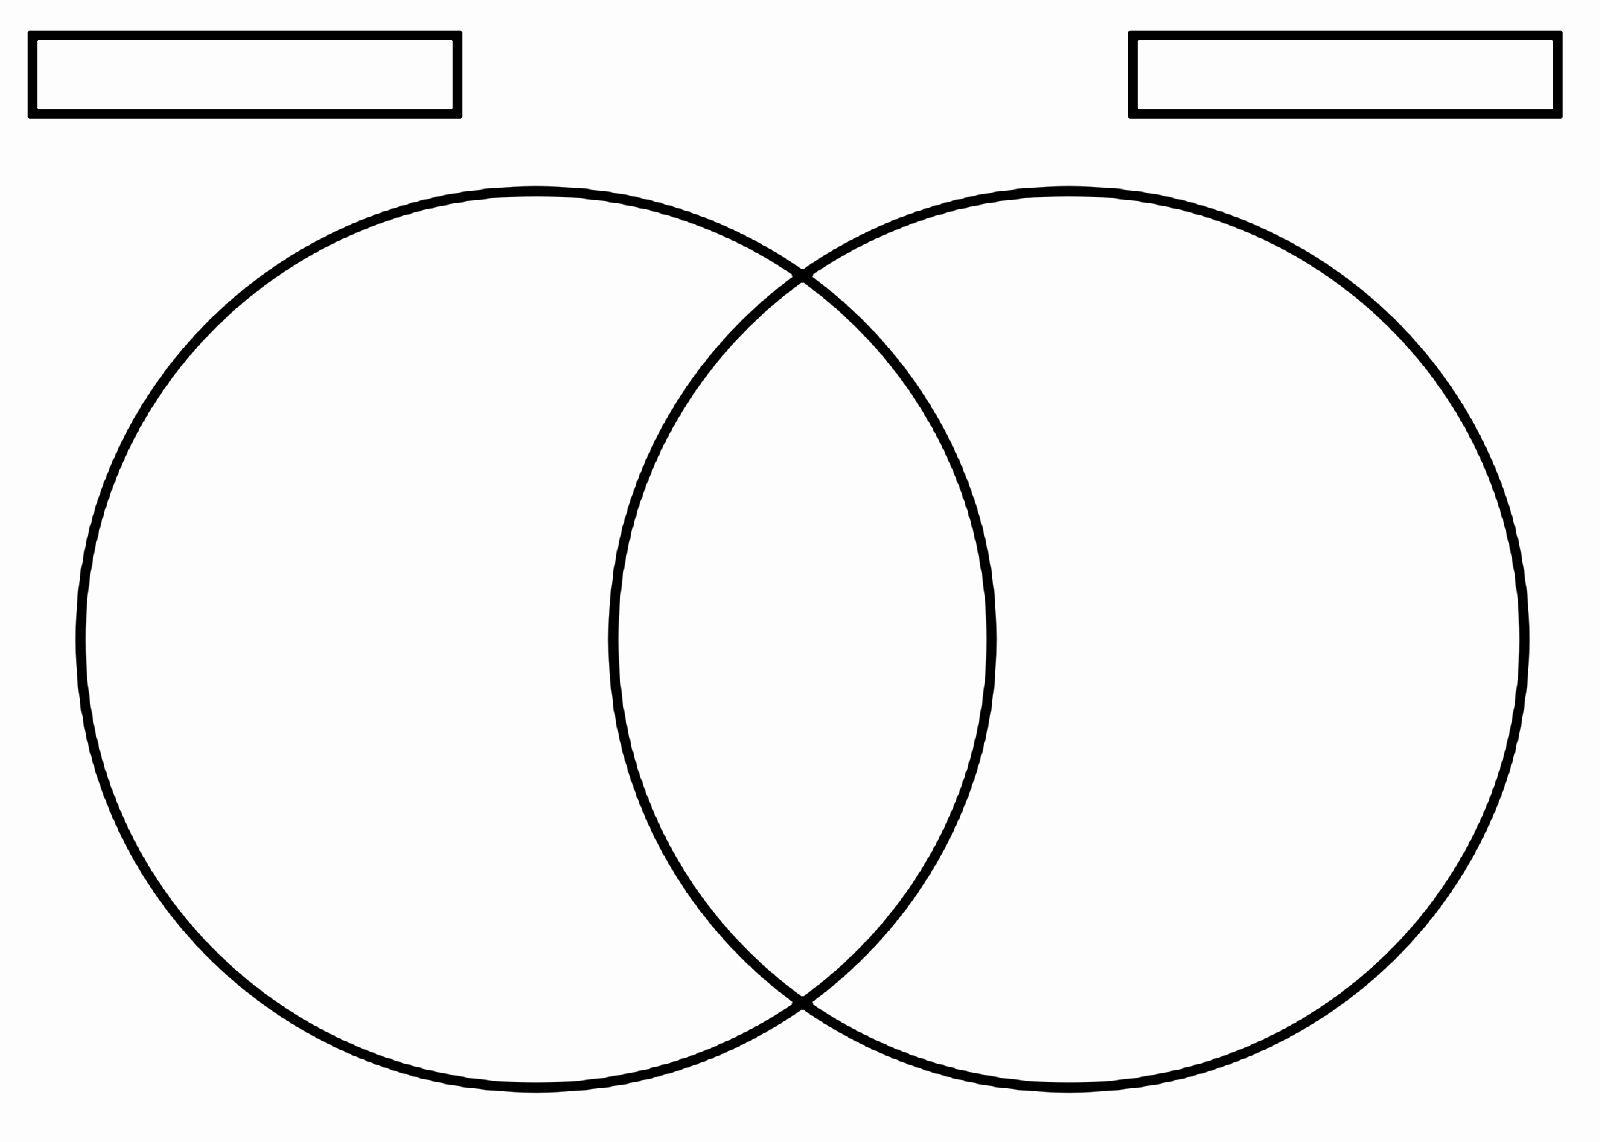 Venn Diagram Template Doc Lovely Free Blank Venn Diagram ...